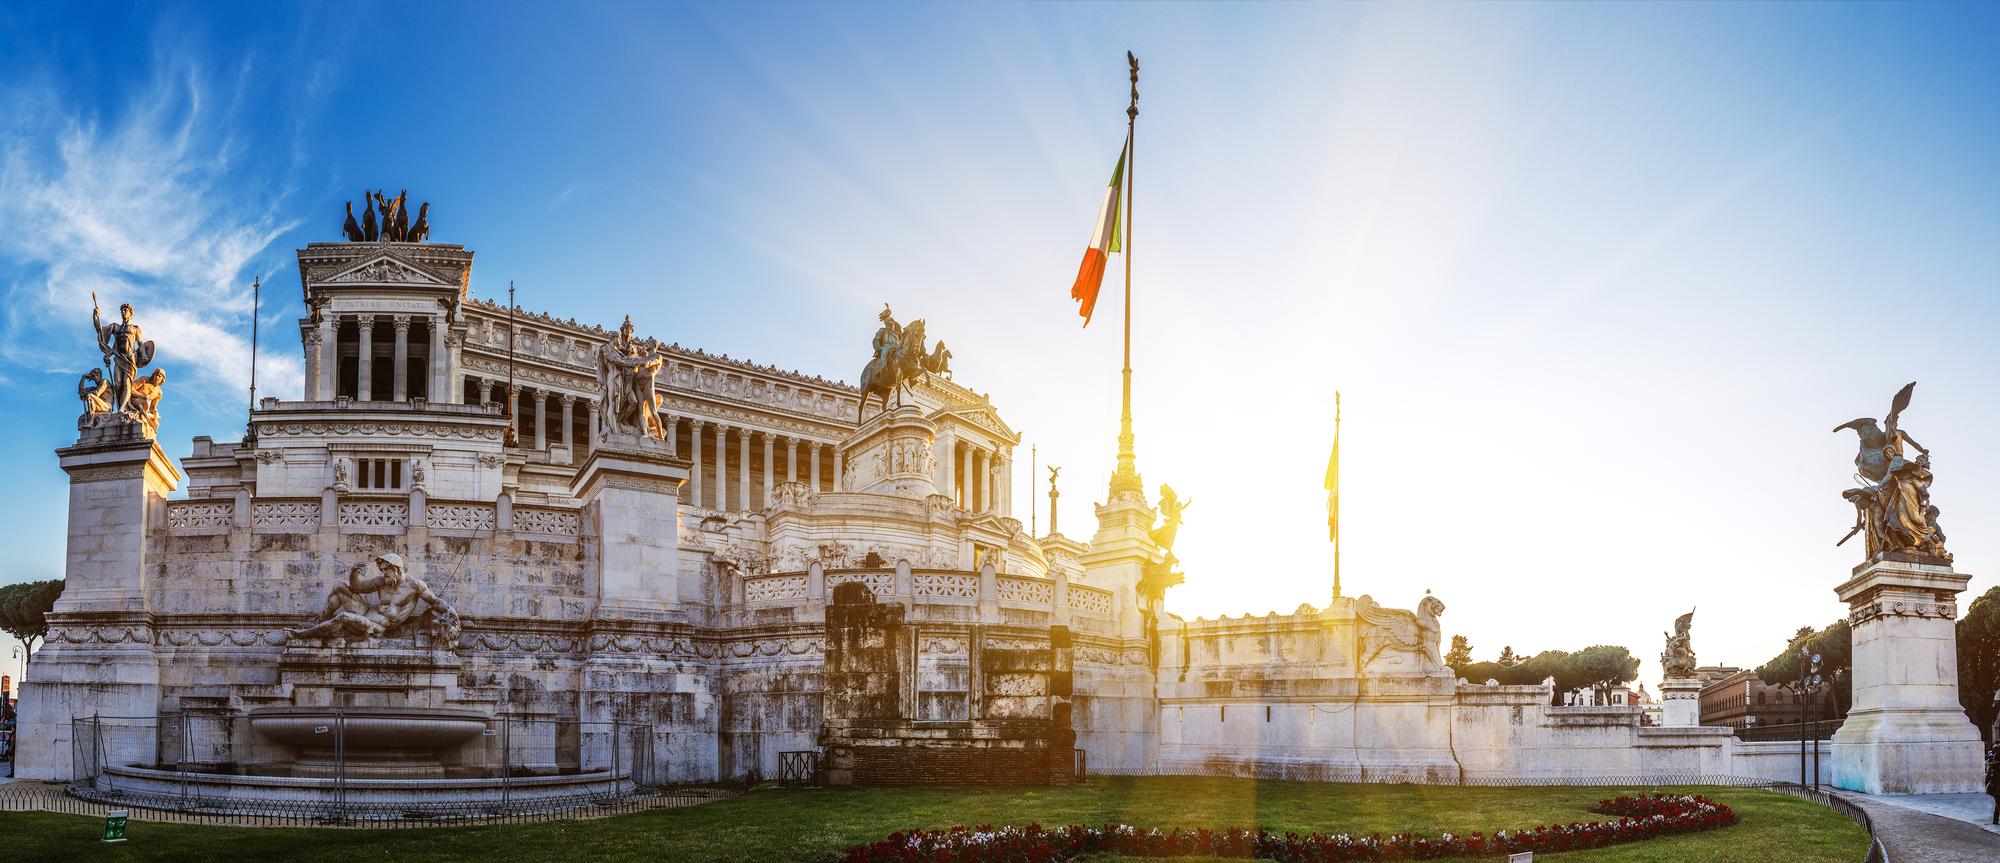 Altare della Patria Monumento Vittorio Emanuele Vittoriano